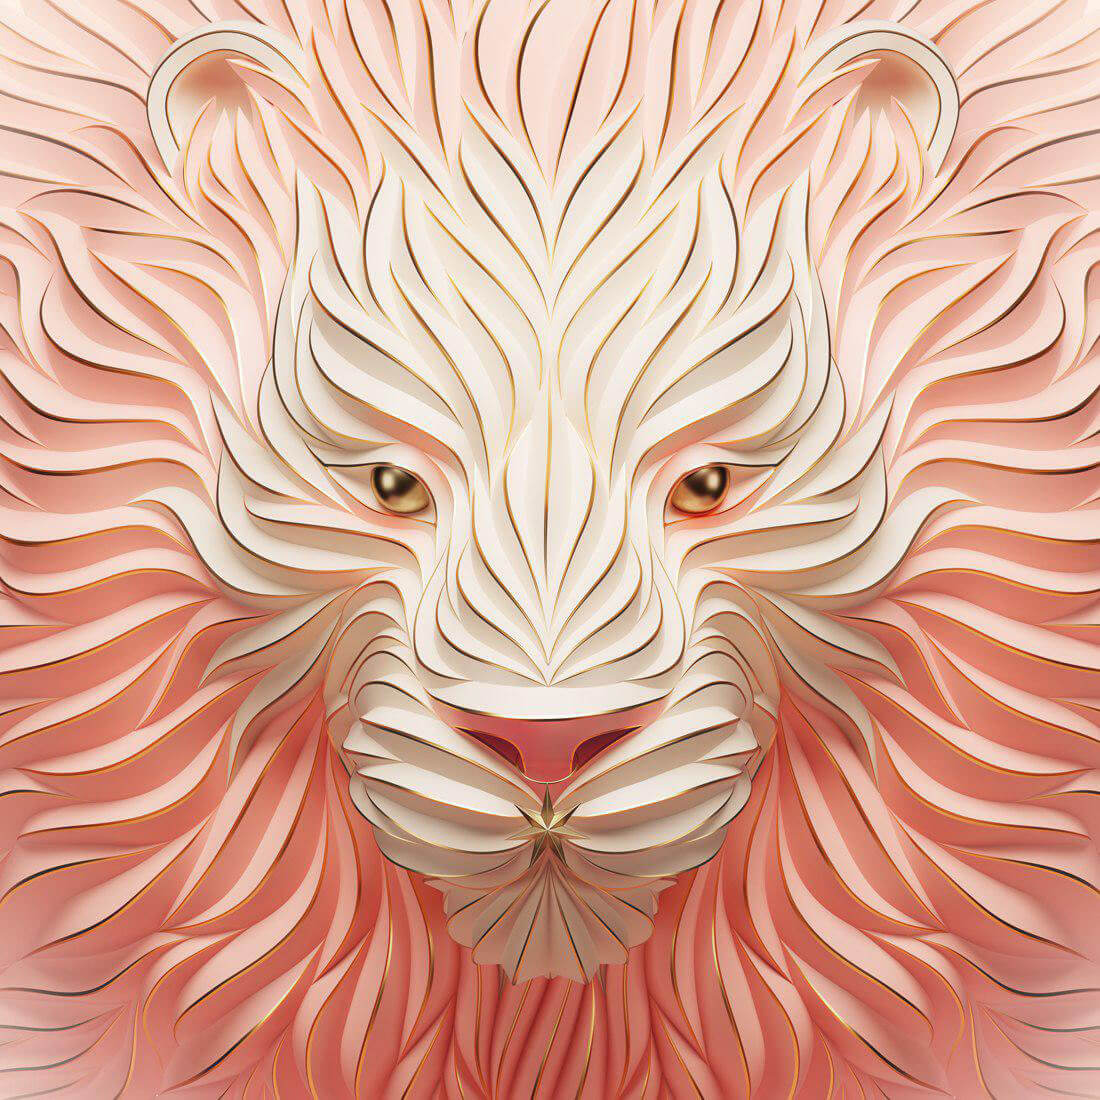 leon rosa max shkret